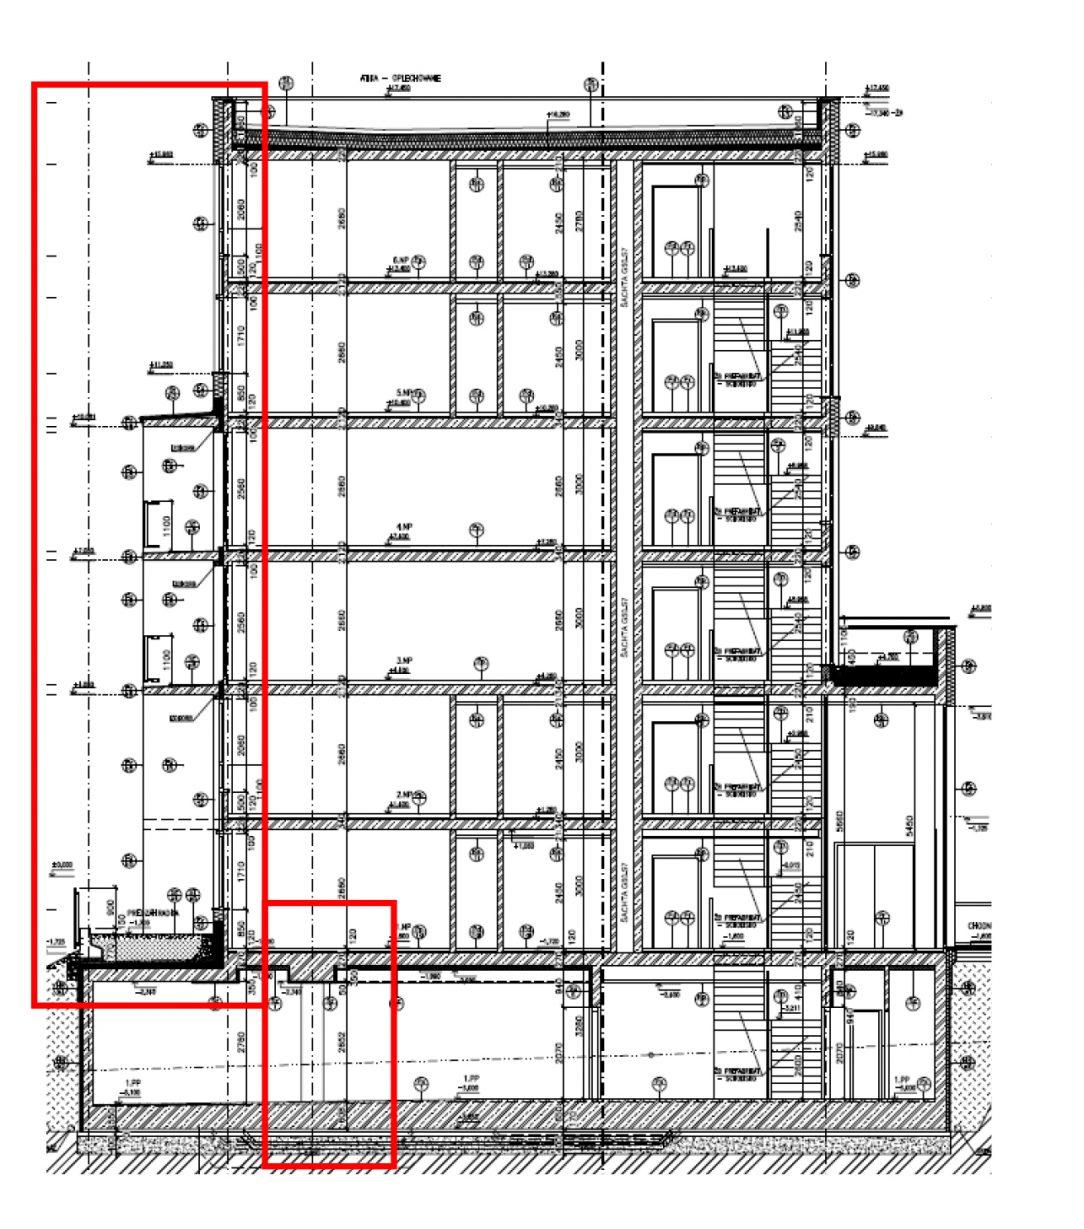 Obr. 5 Priečny rez budovou s posunom nosných prvkov